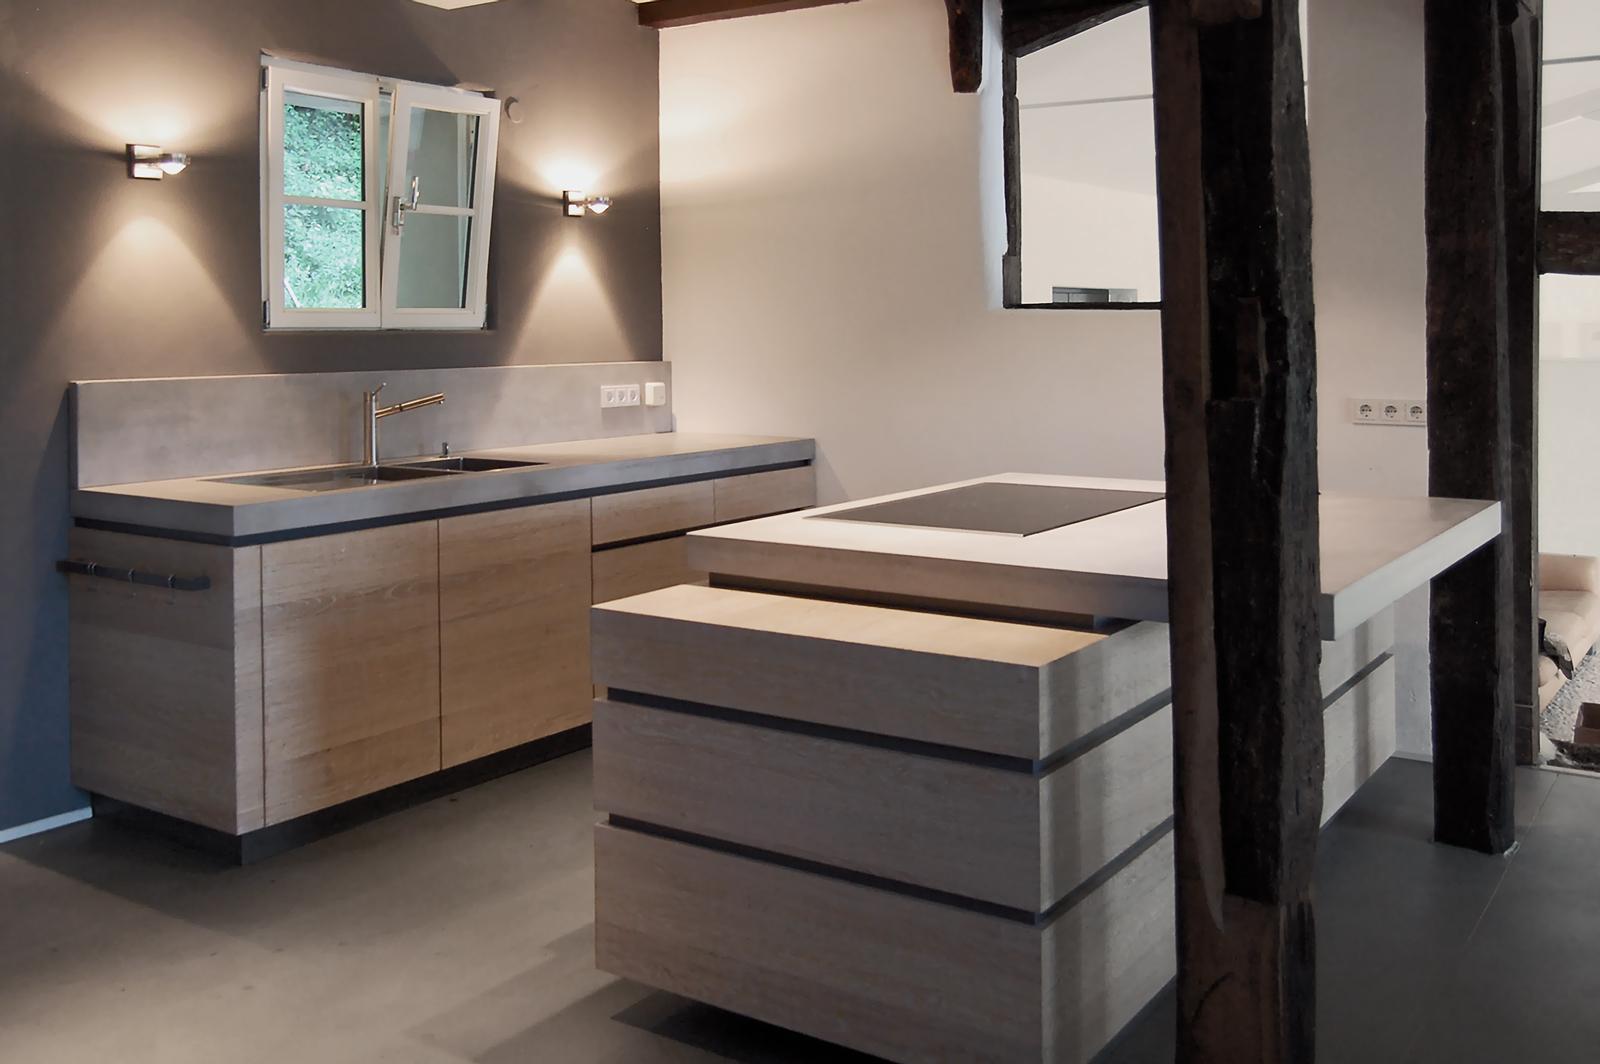 Küchendesign für private Einbauküche